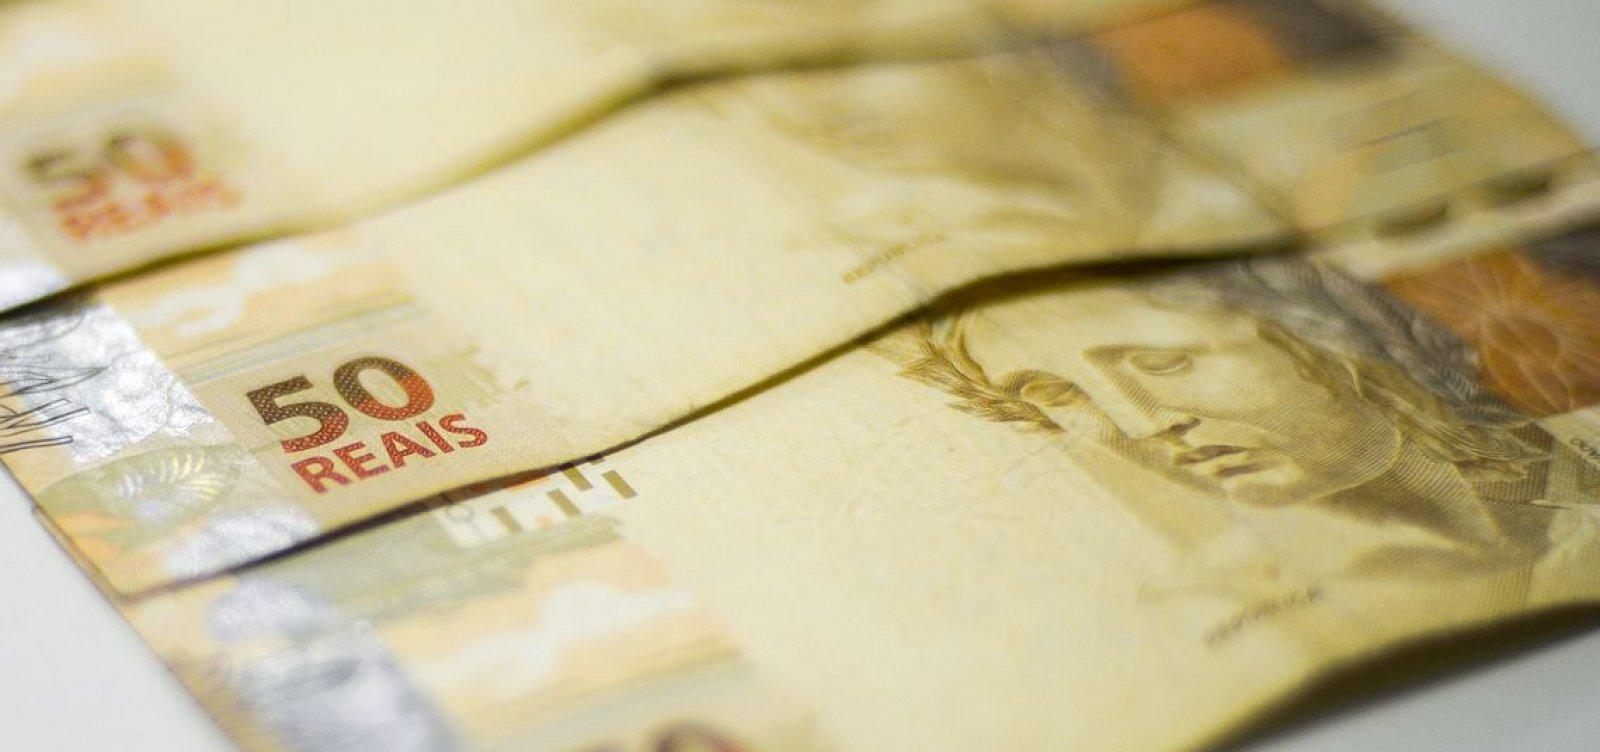 [Brasil está entre estagnação edepressão econômica, diz relatório]